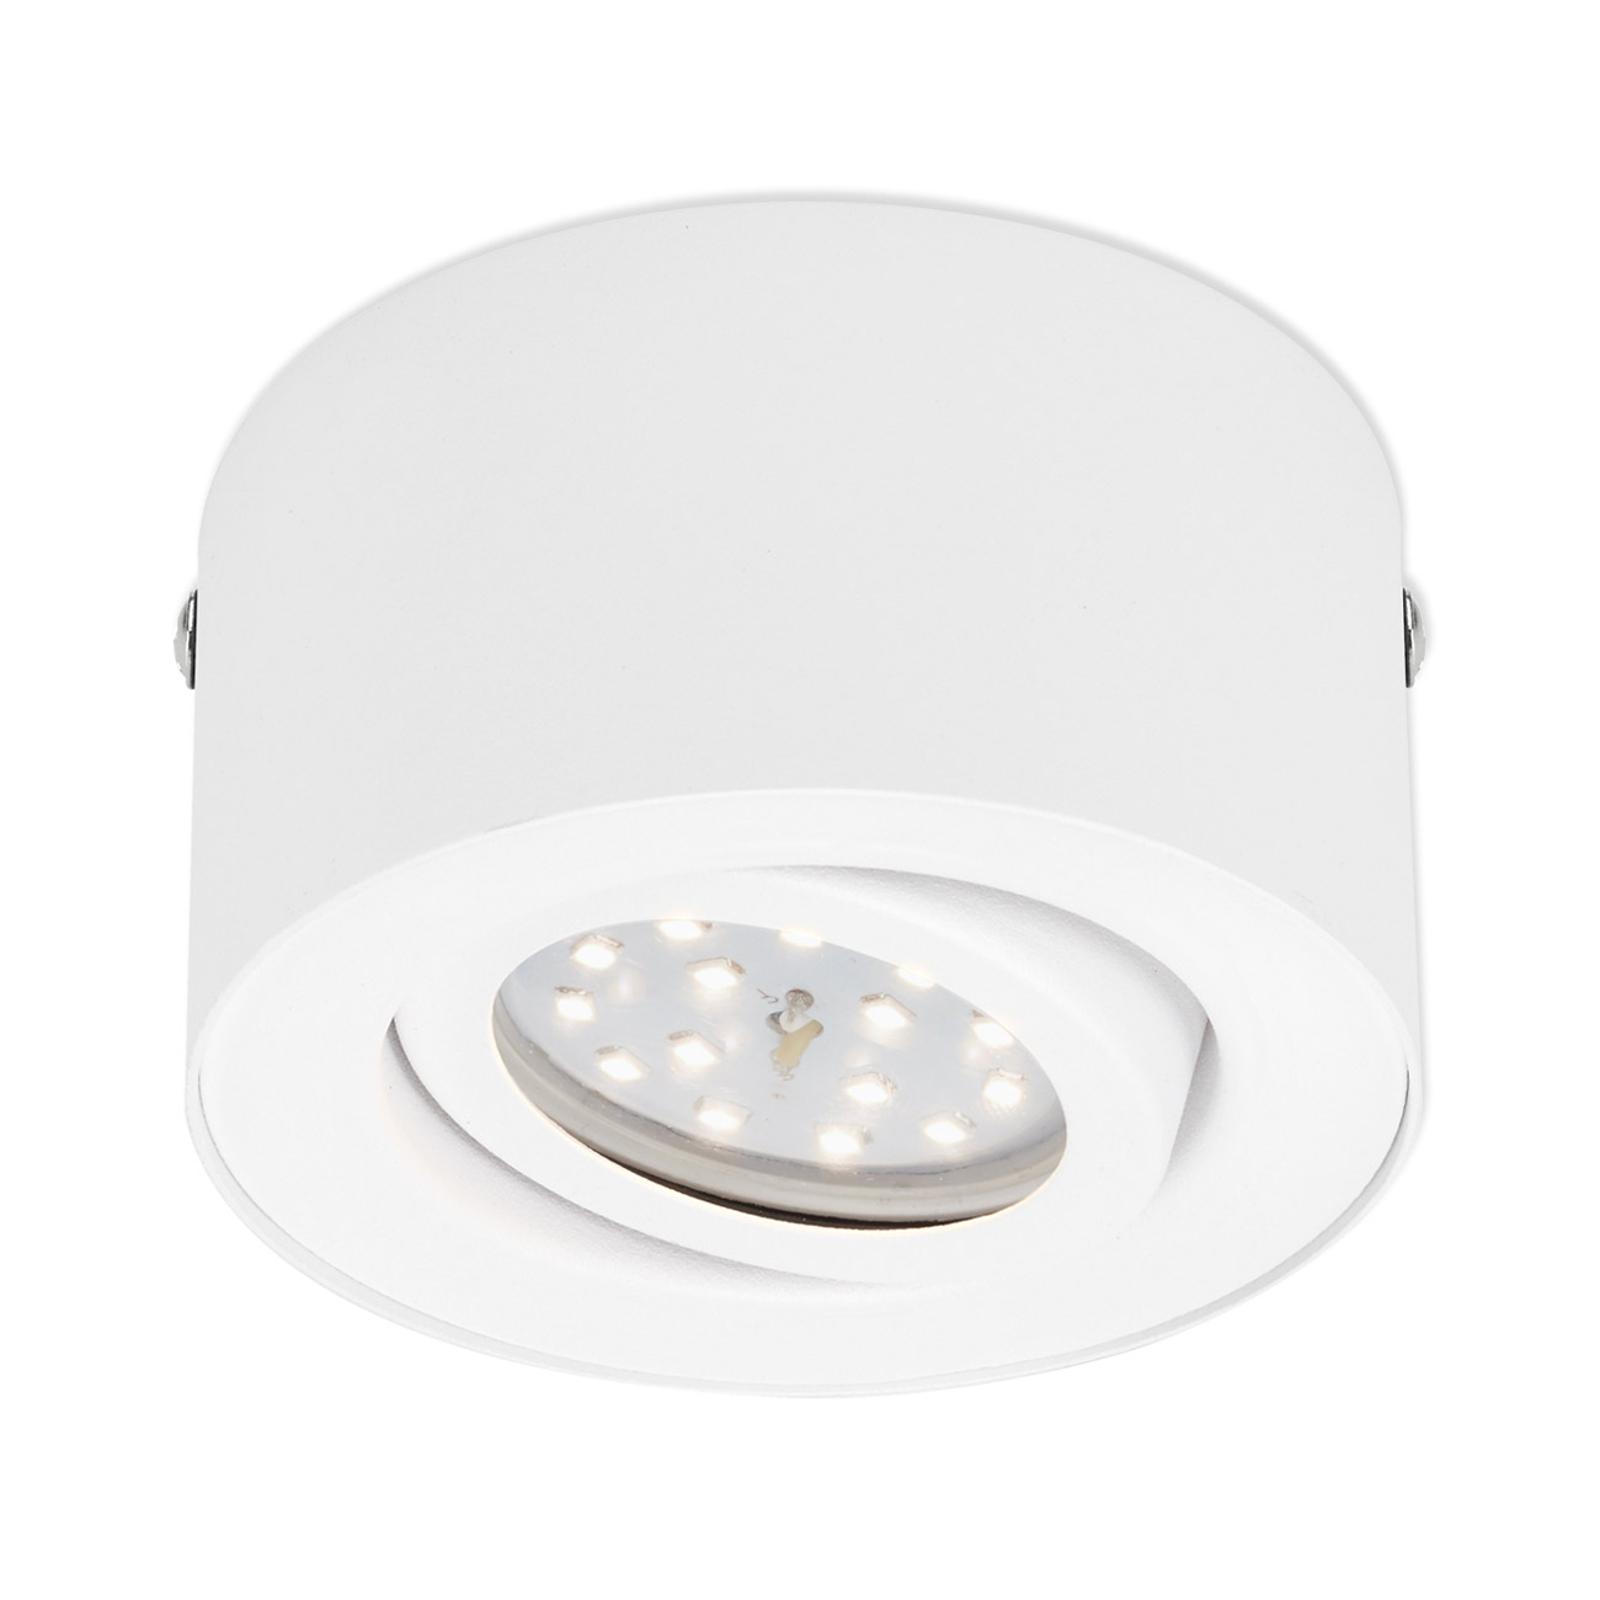 LED-takspotlight Tube 7121-016, vit